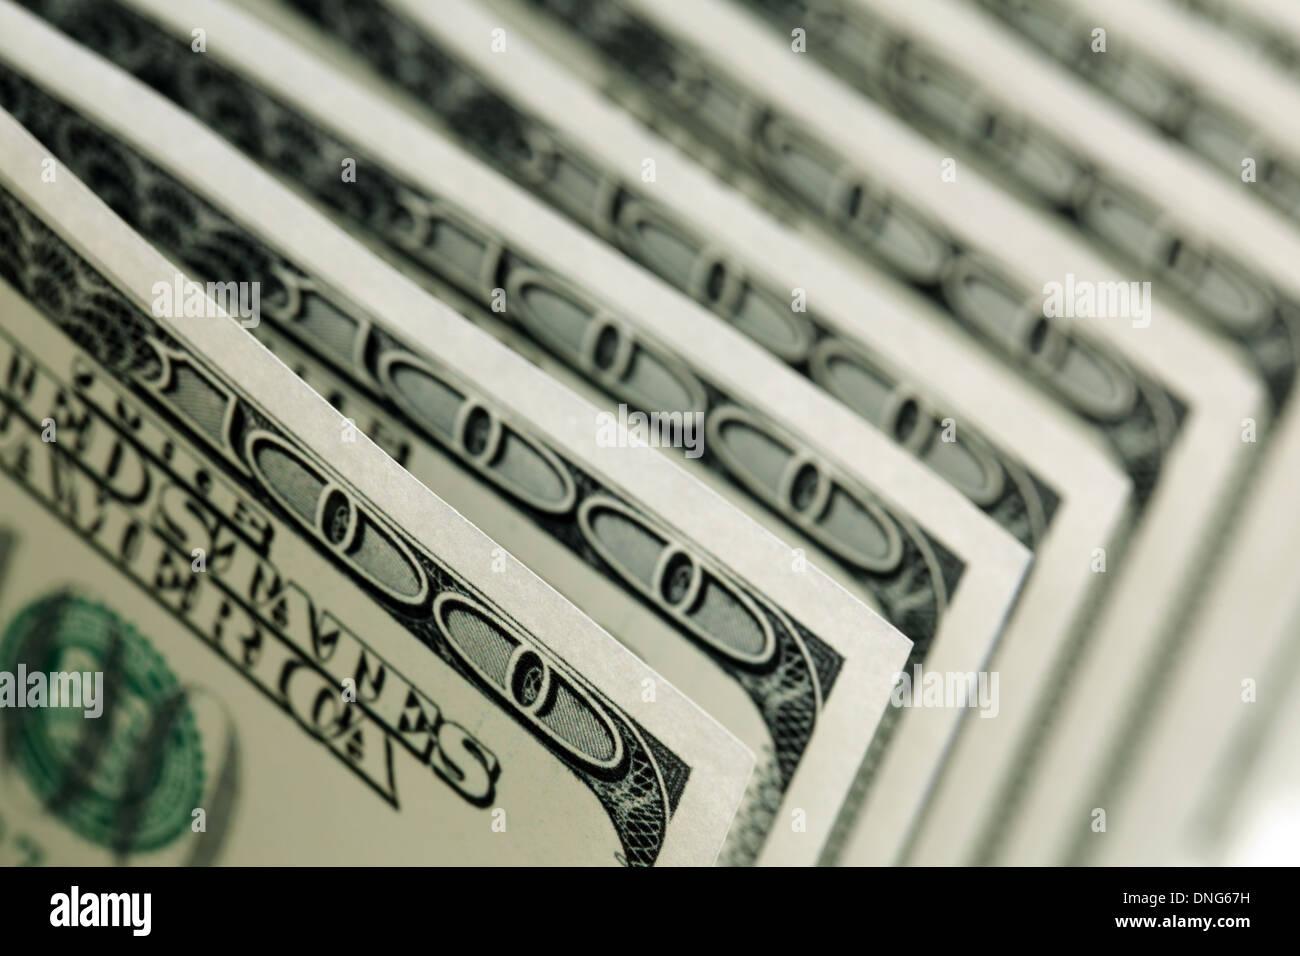 Banconote da cento dollari Immagini Stock